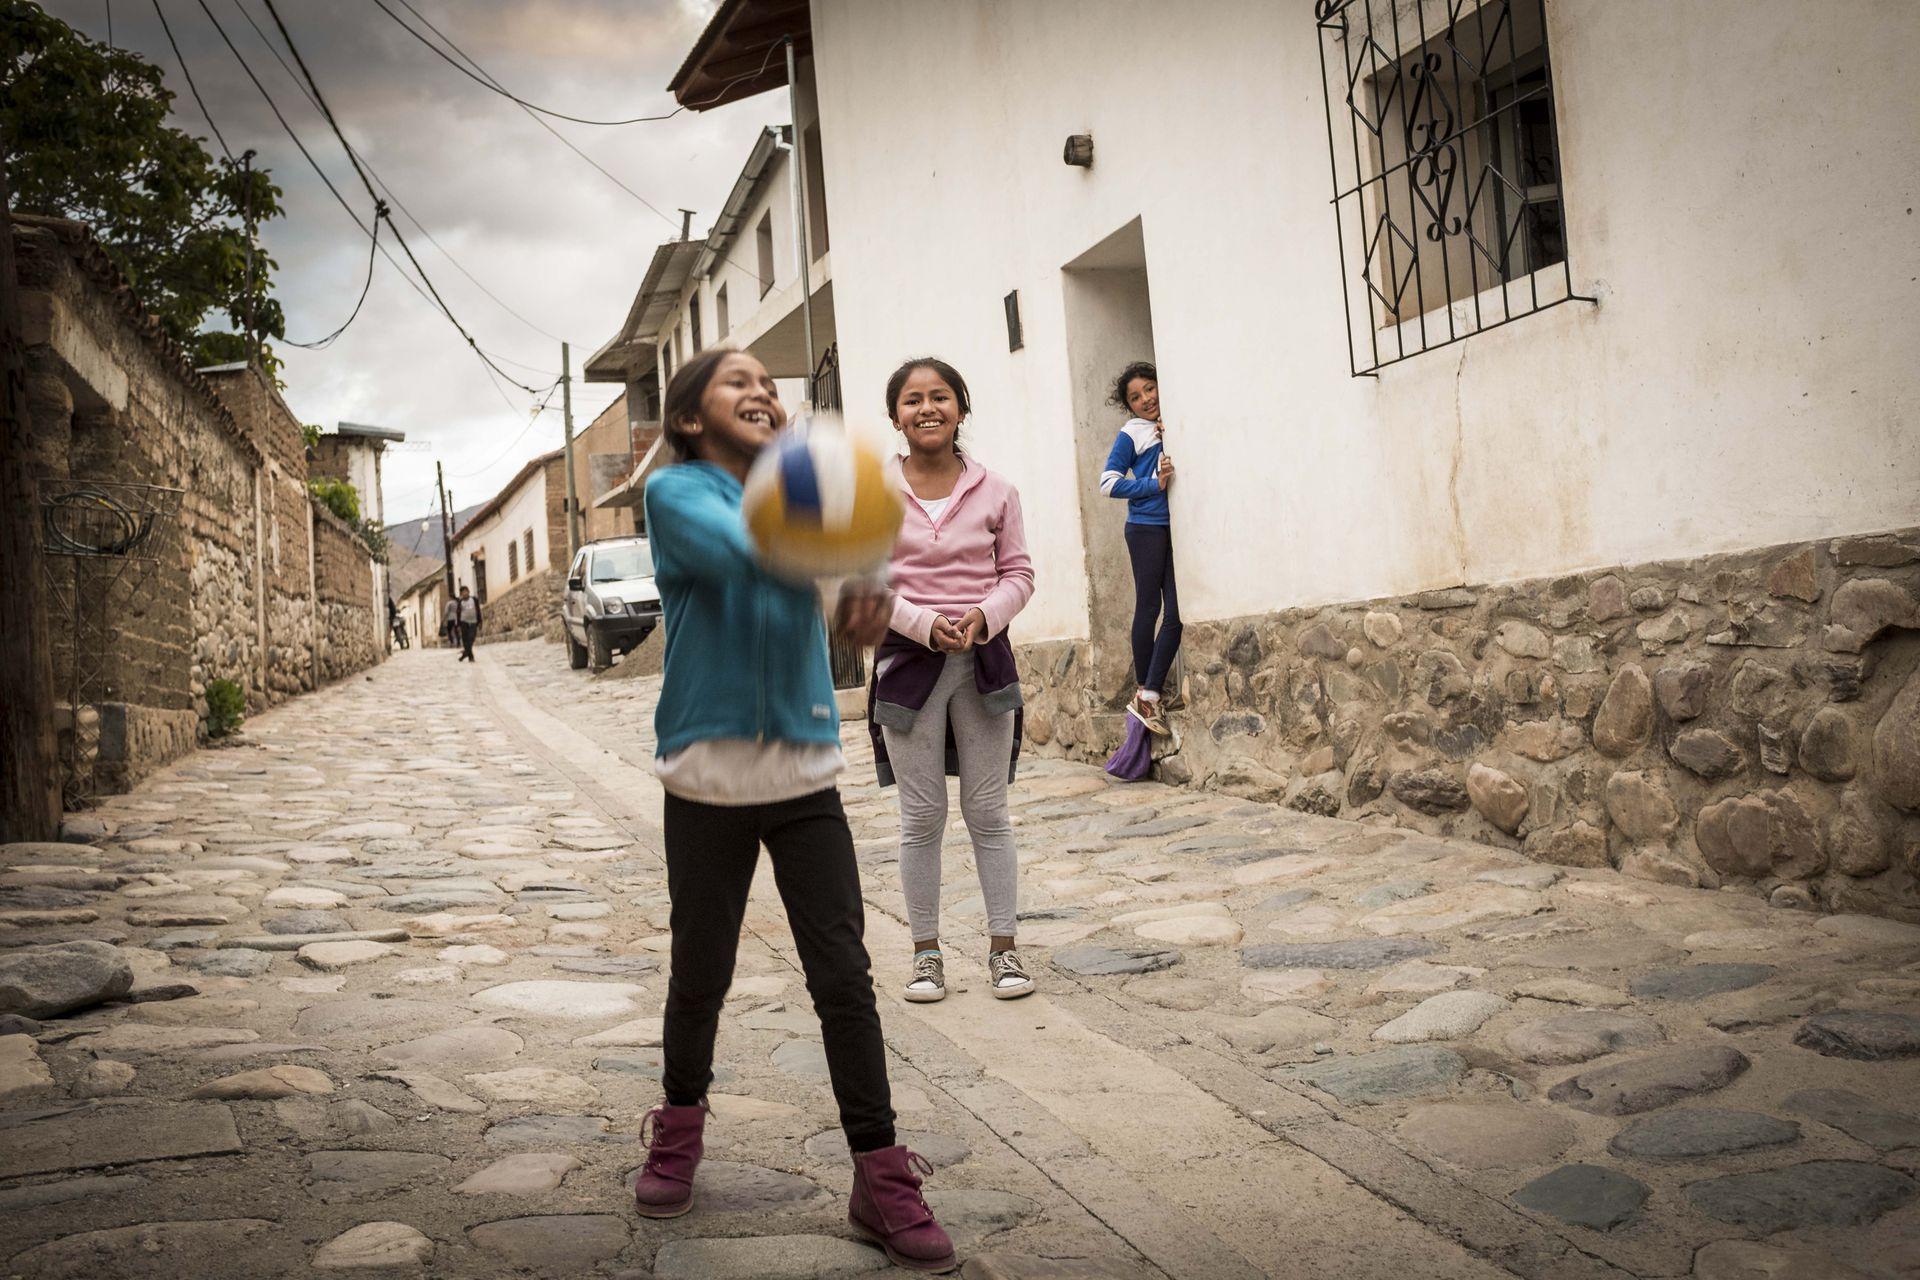 El pueblo se caracteriza por sus veredas altas y sus calles de piedra inclinadas, con pequeñas acequias que las dividen a la mitad.